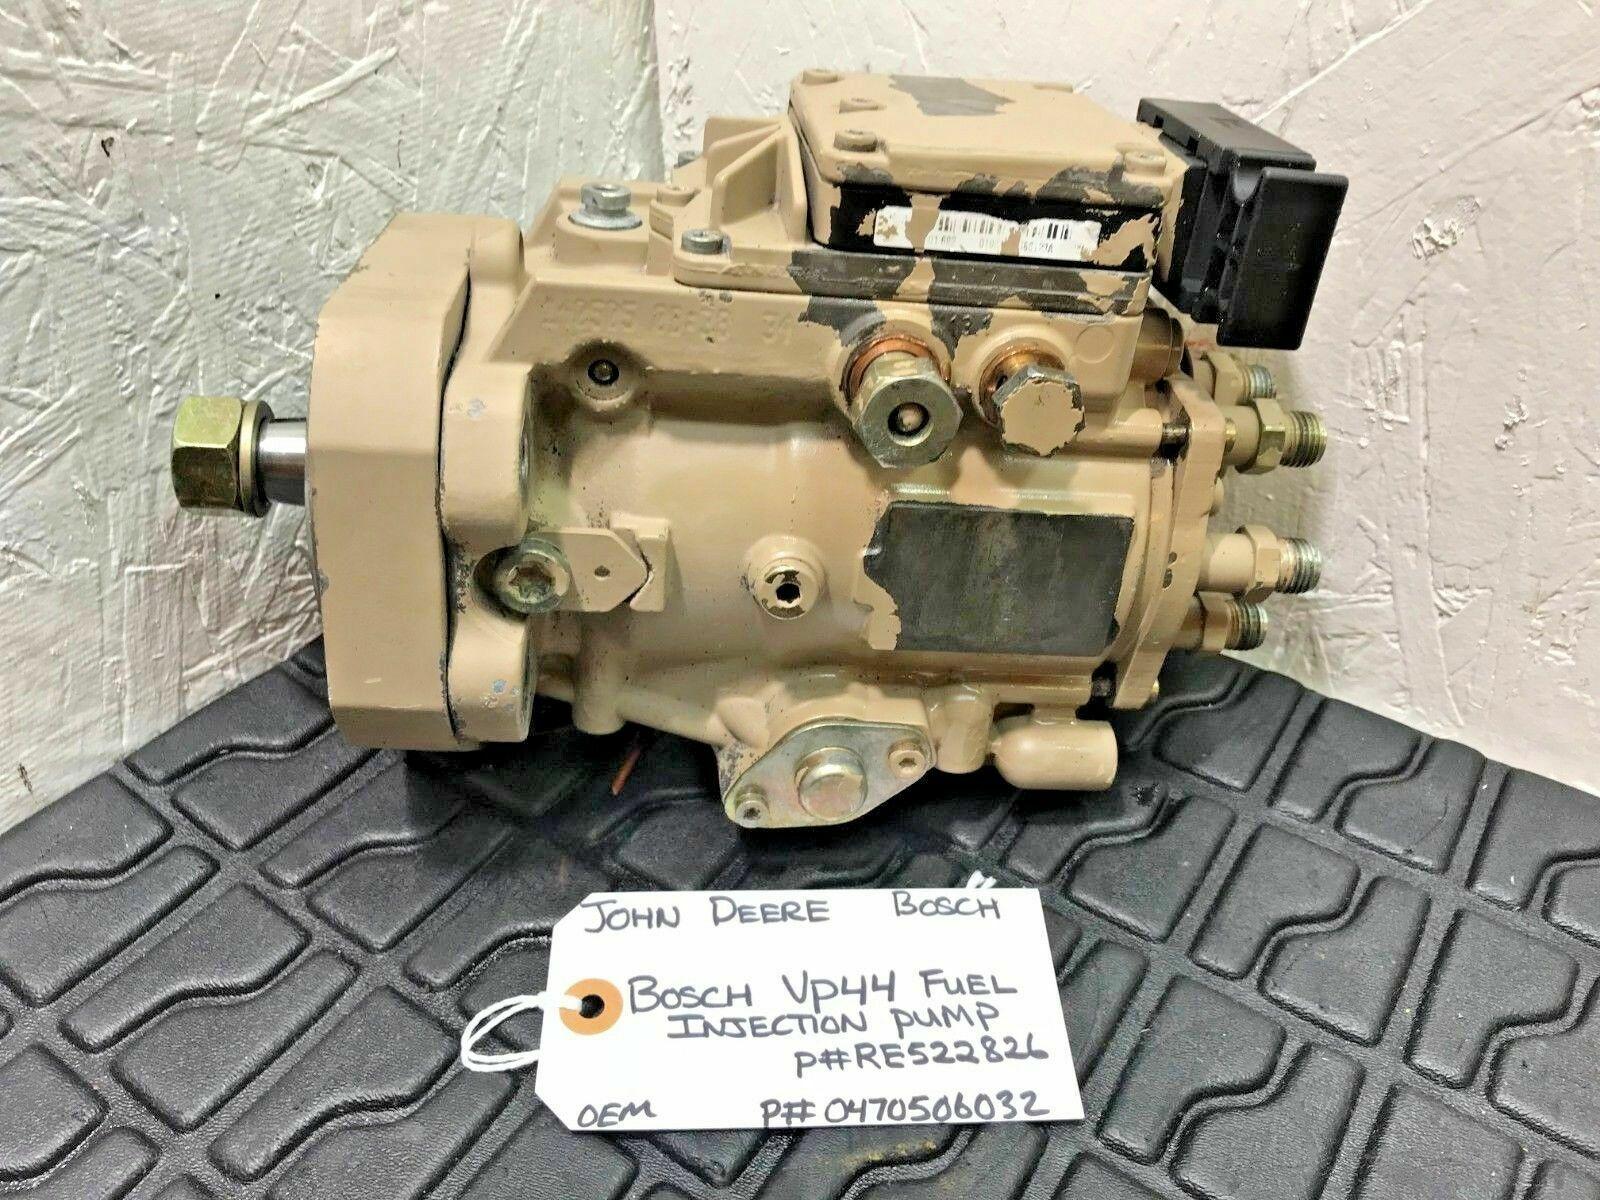 JOHN DEERE 6068 Bosch Diesel Fuel Injection Pump 0470506032 RE522826 OEM